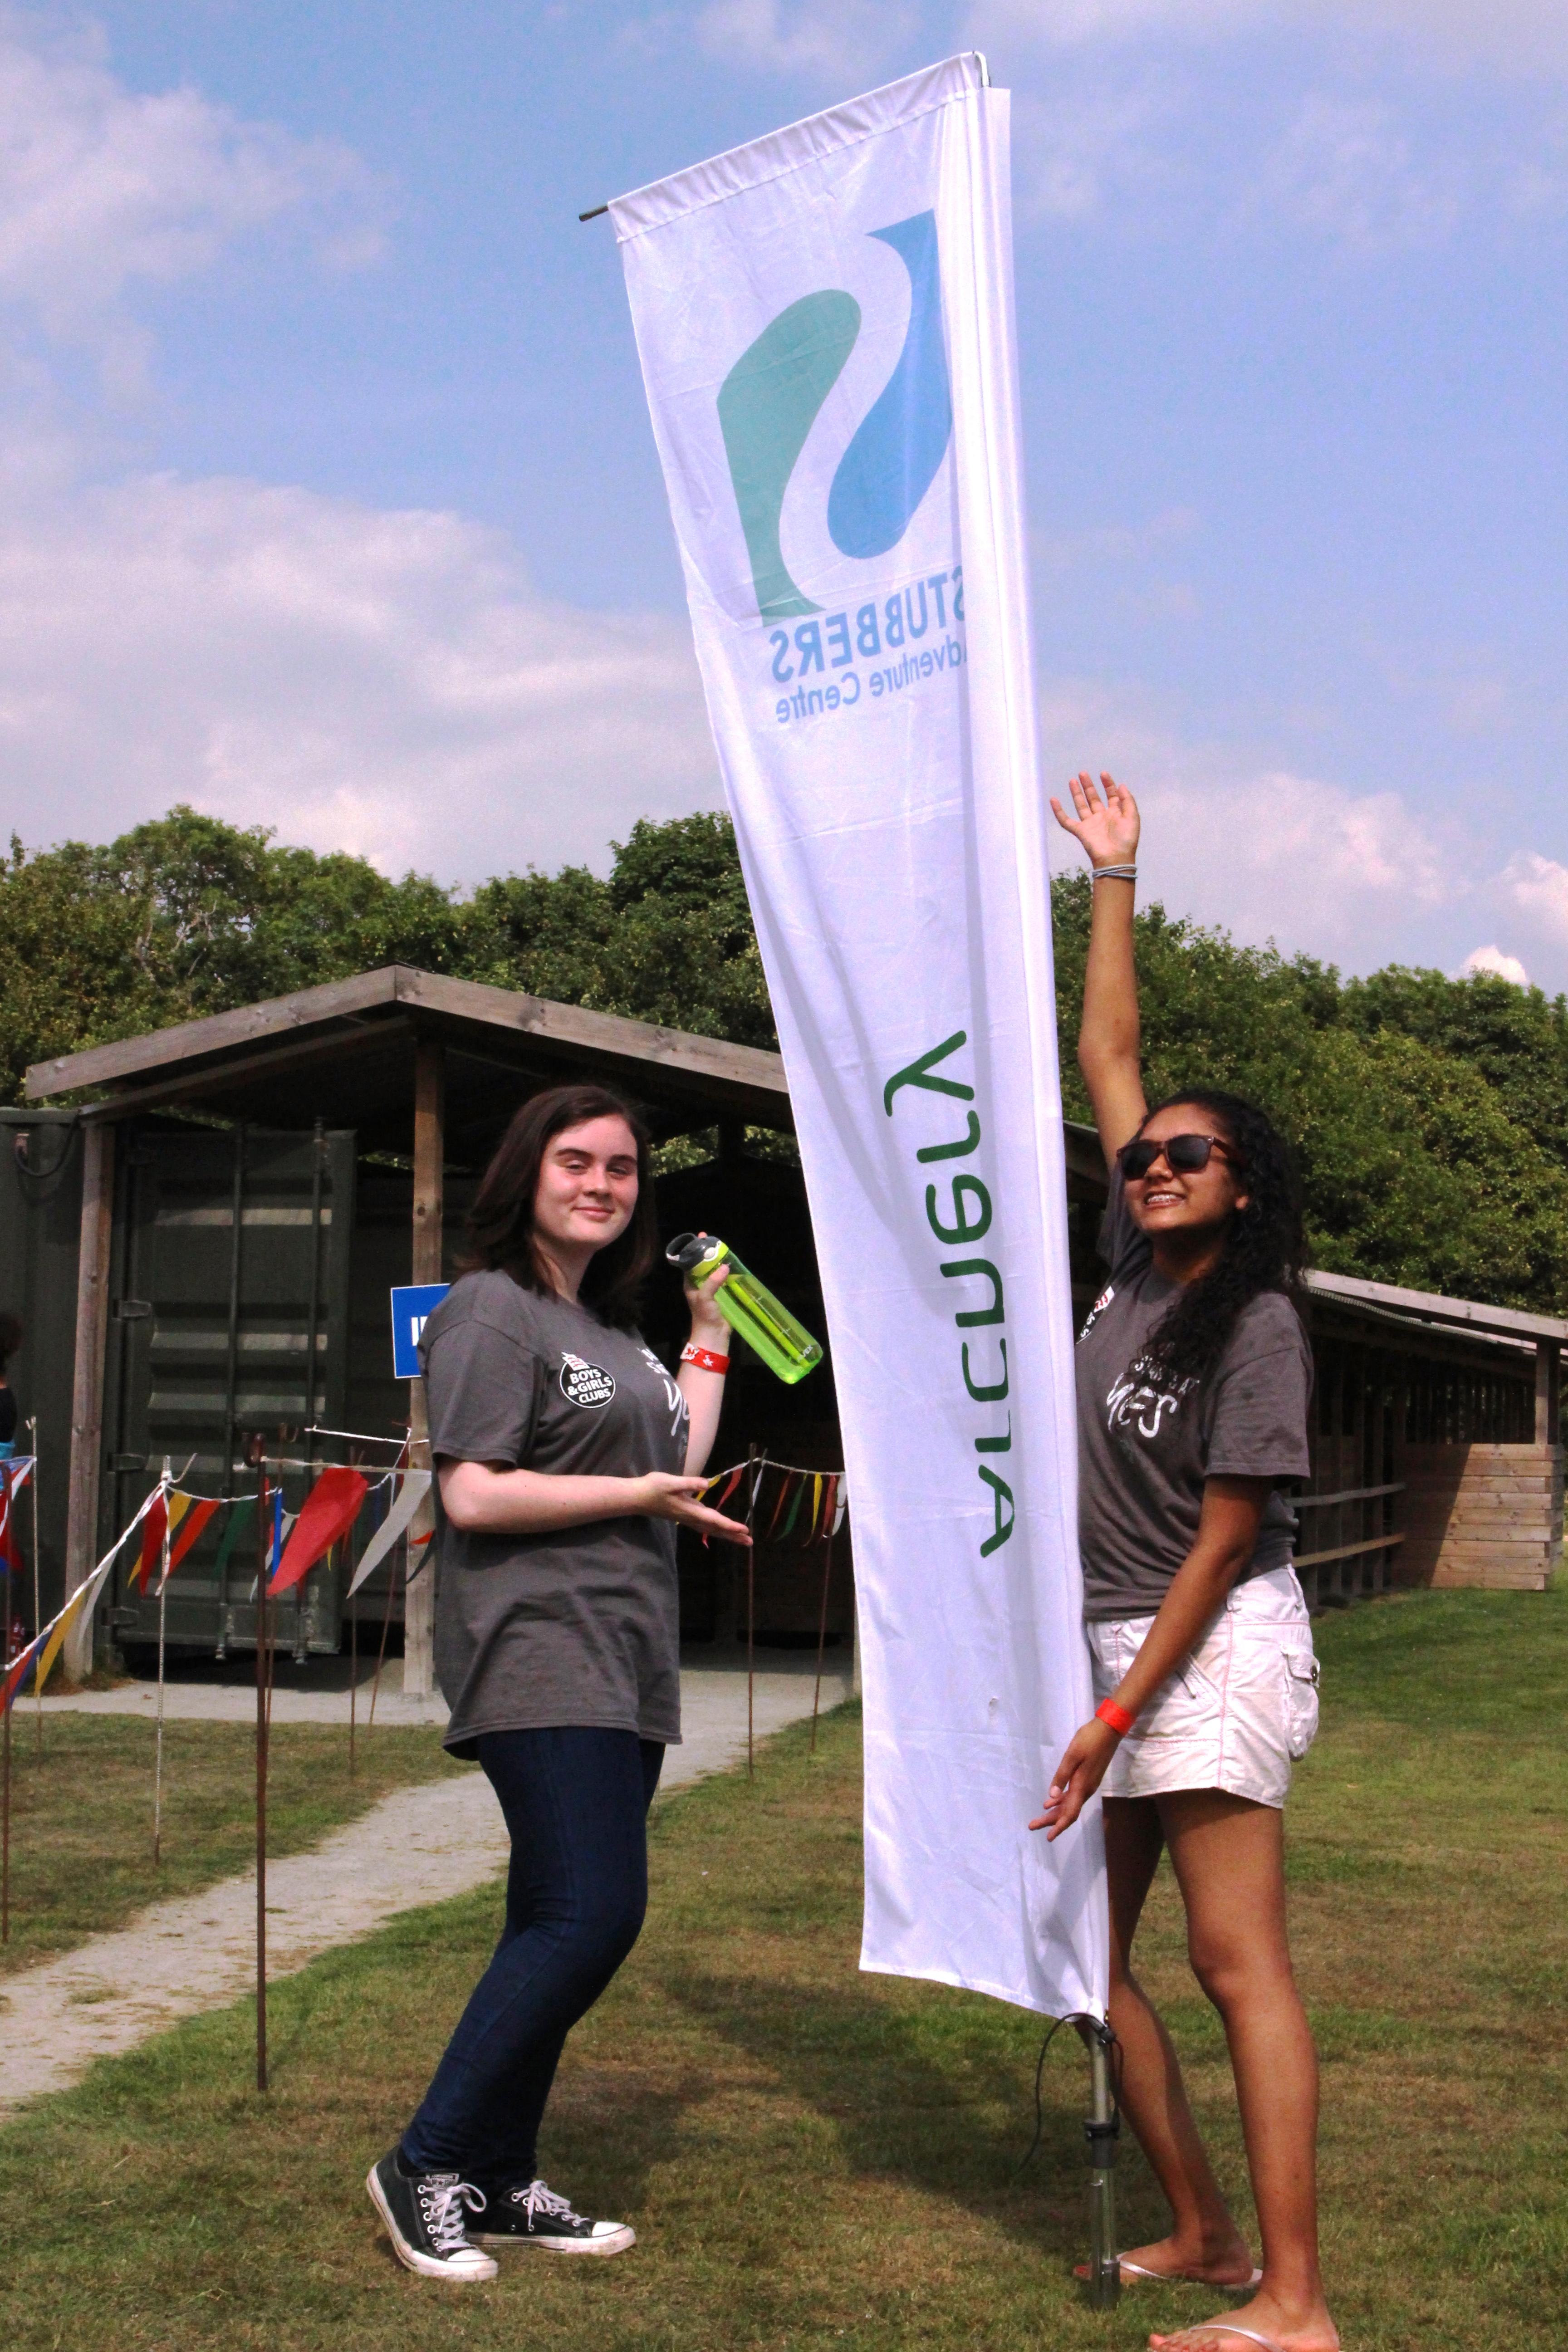 Volunteers Louise + Anjaly at Adventure Weekend